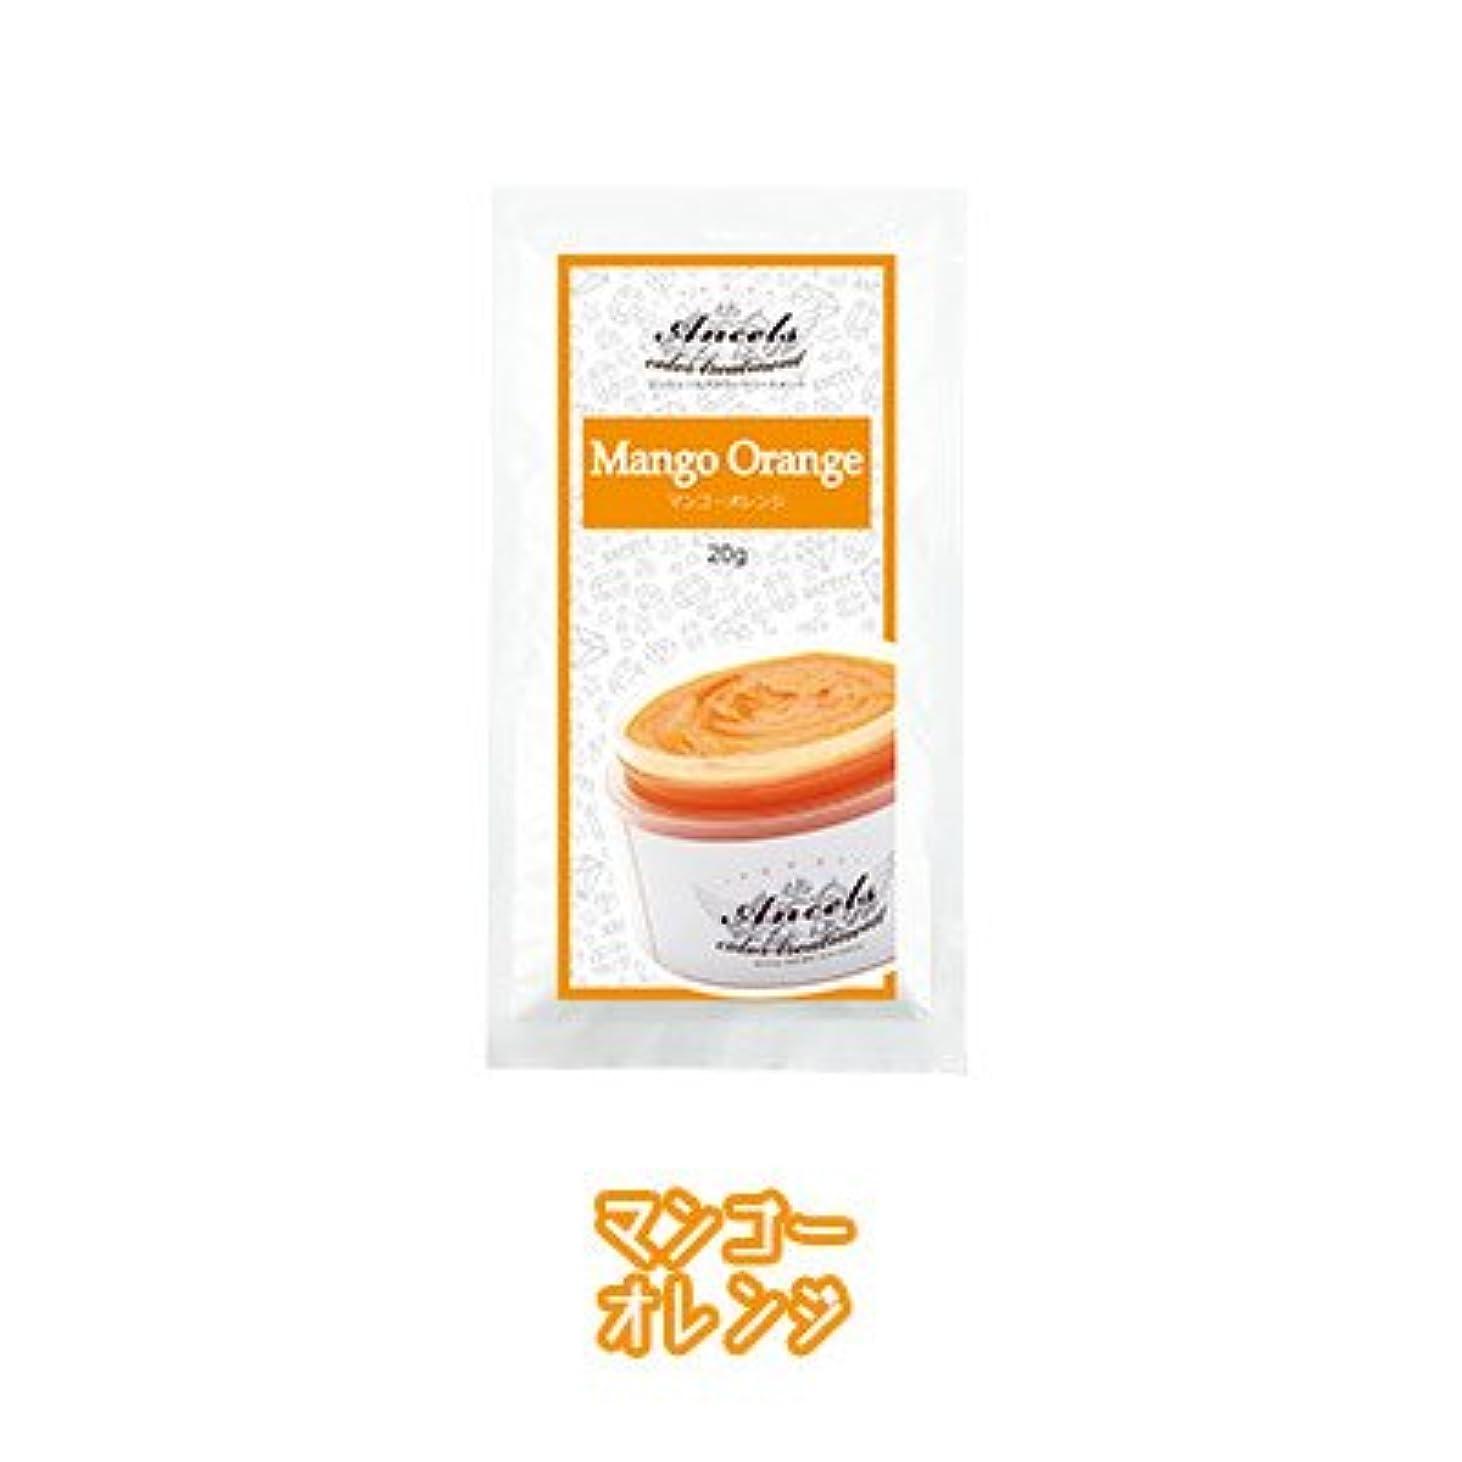 悪意アセ確保するエンシェールズ カラートリートメントバター プチ(お試しサイズ) マンゴーオレンジ 20g